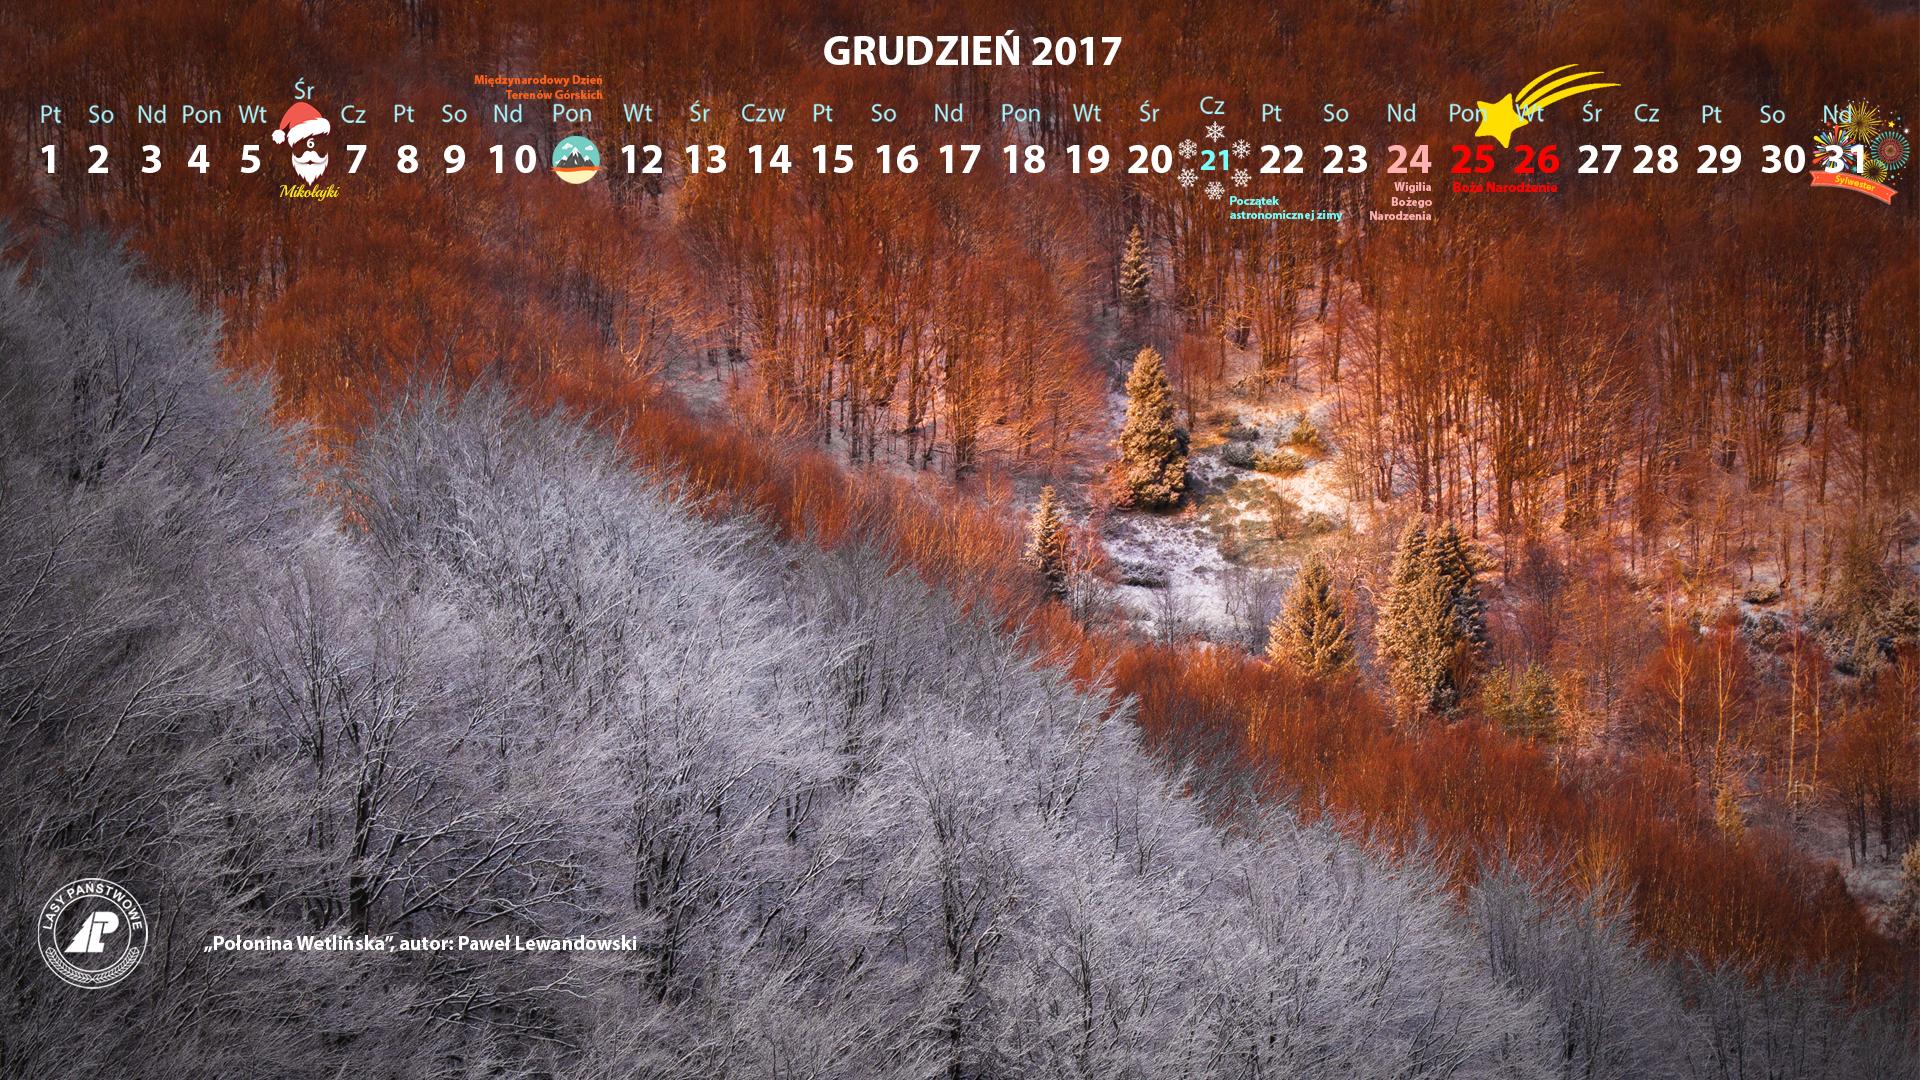 Kalendarz grudzien 2017 1920x1080.jpg